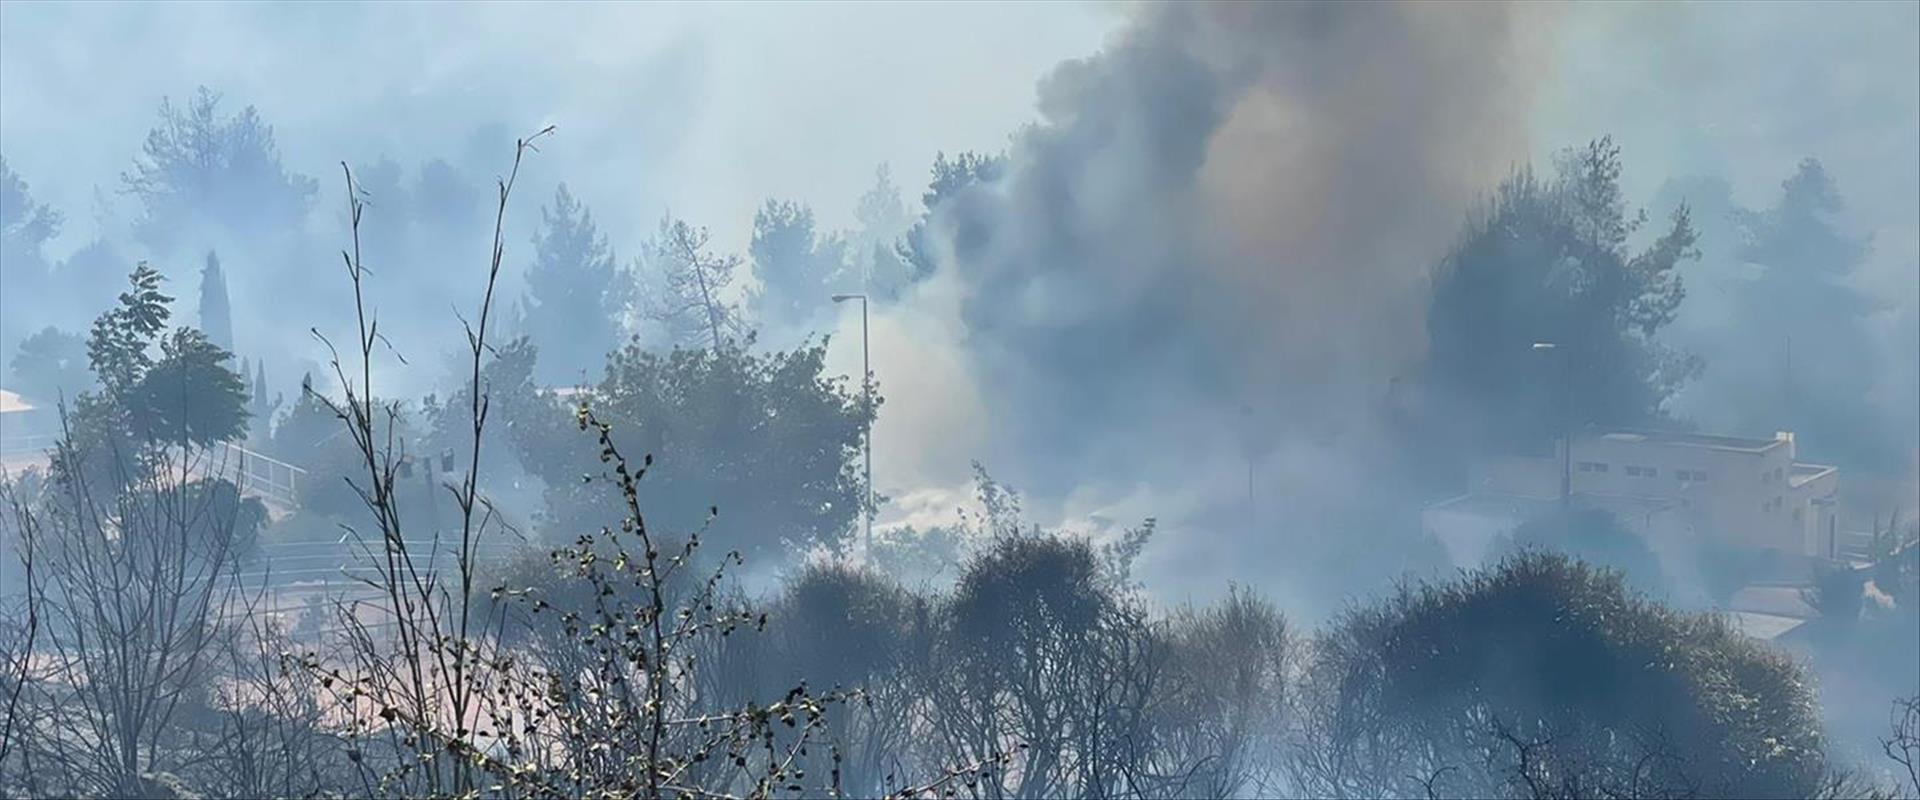 שריפה ליד צור הדסה